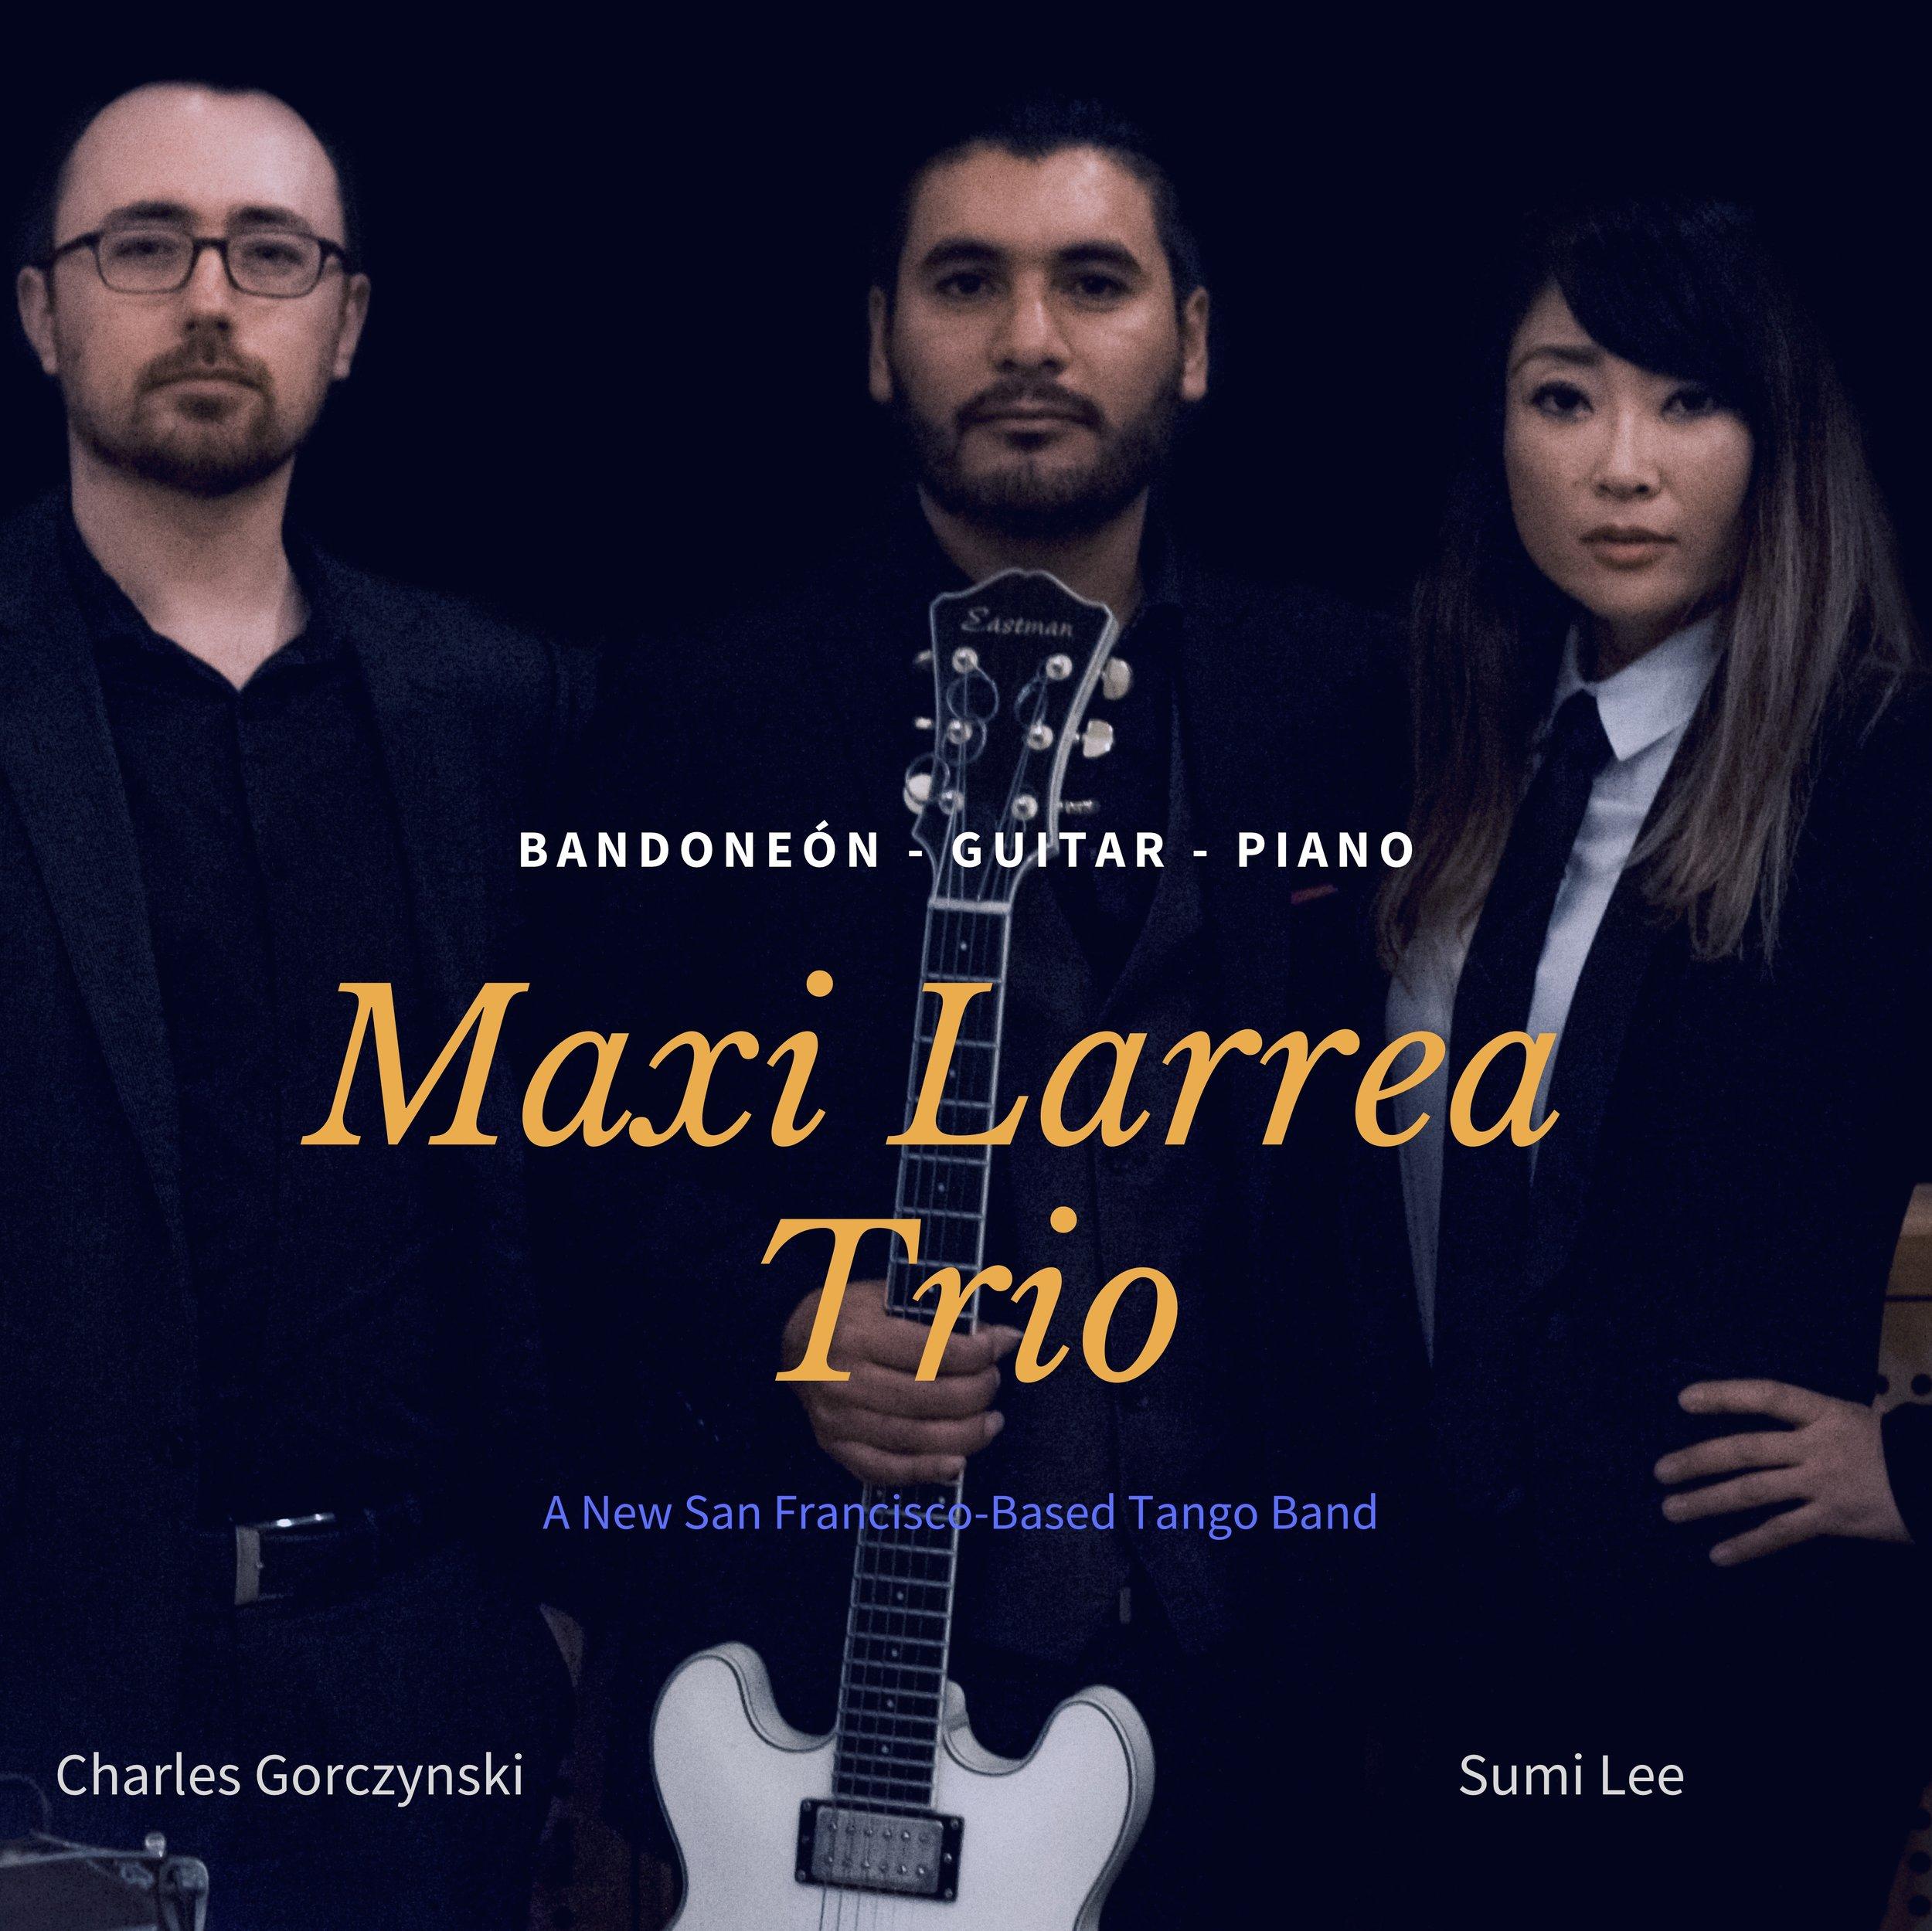 Maxi Larrea Trio Instagram.jpg